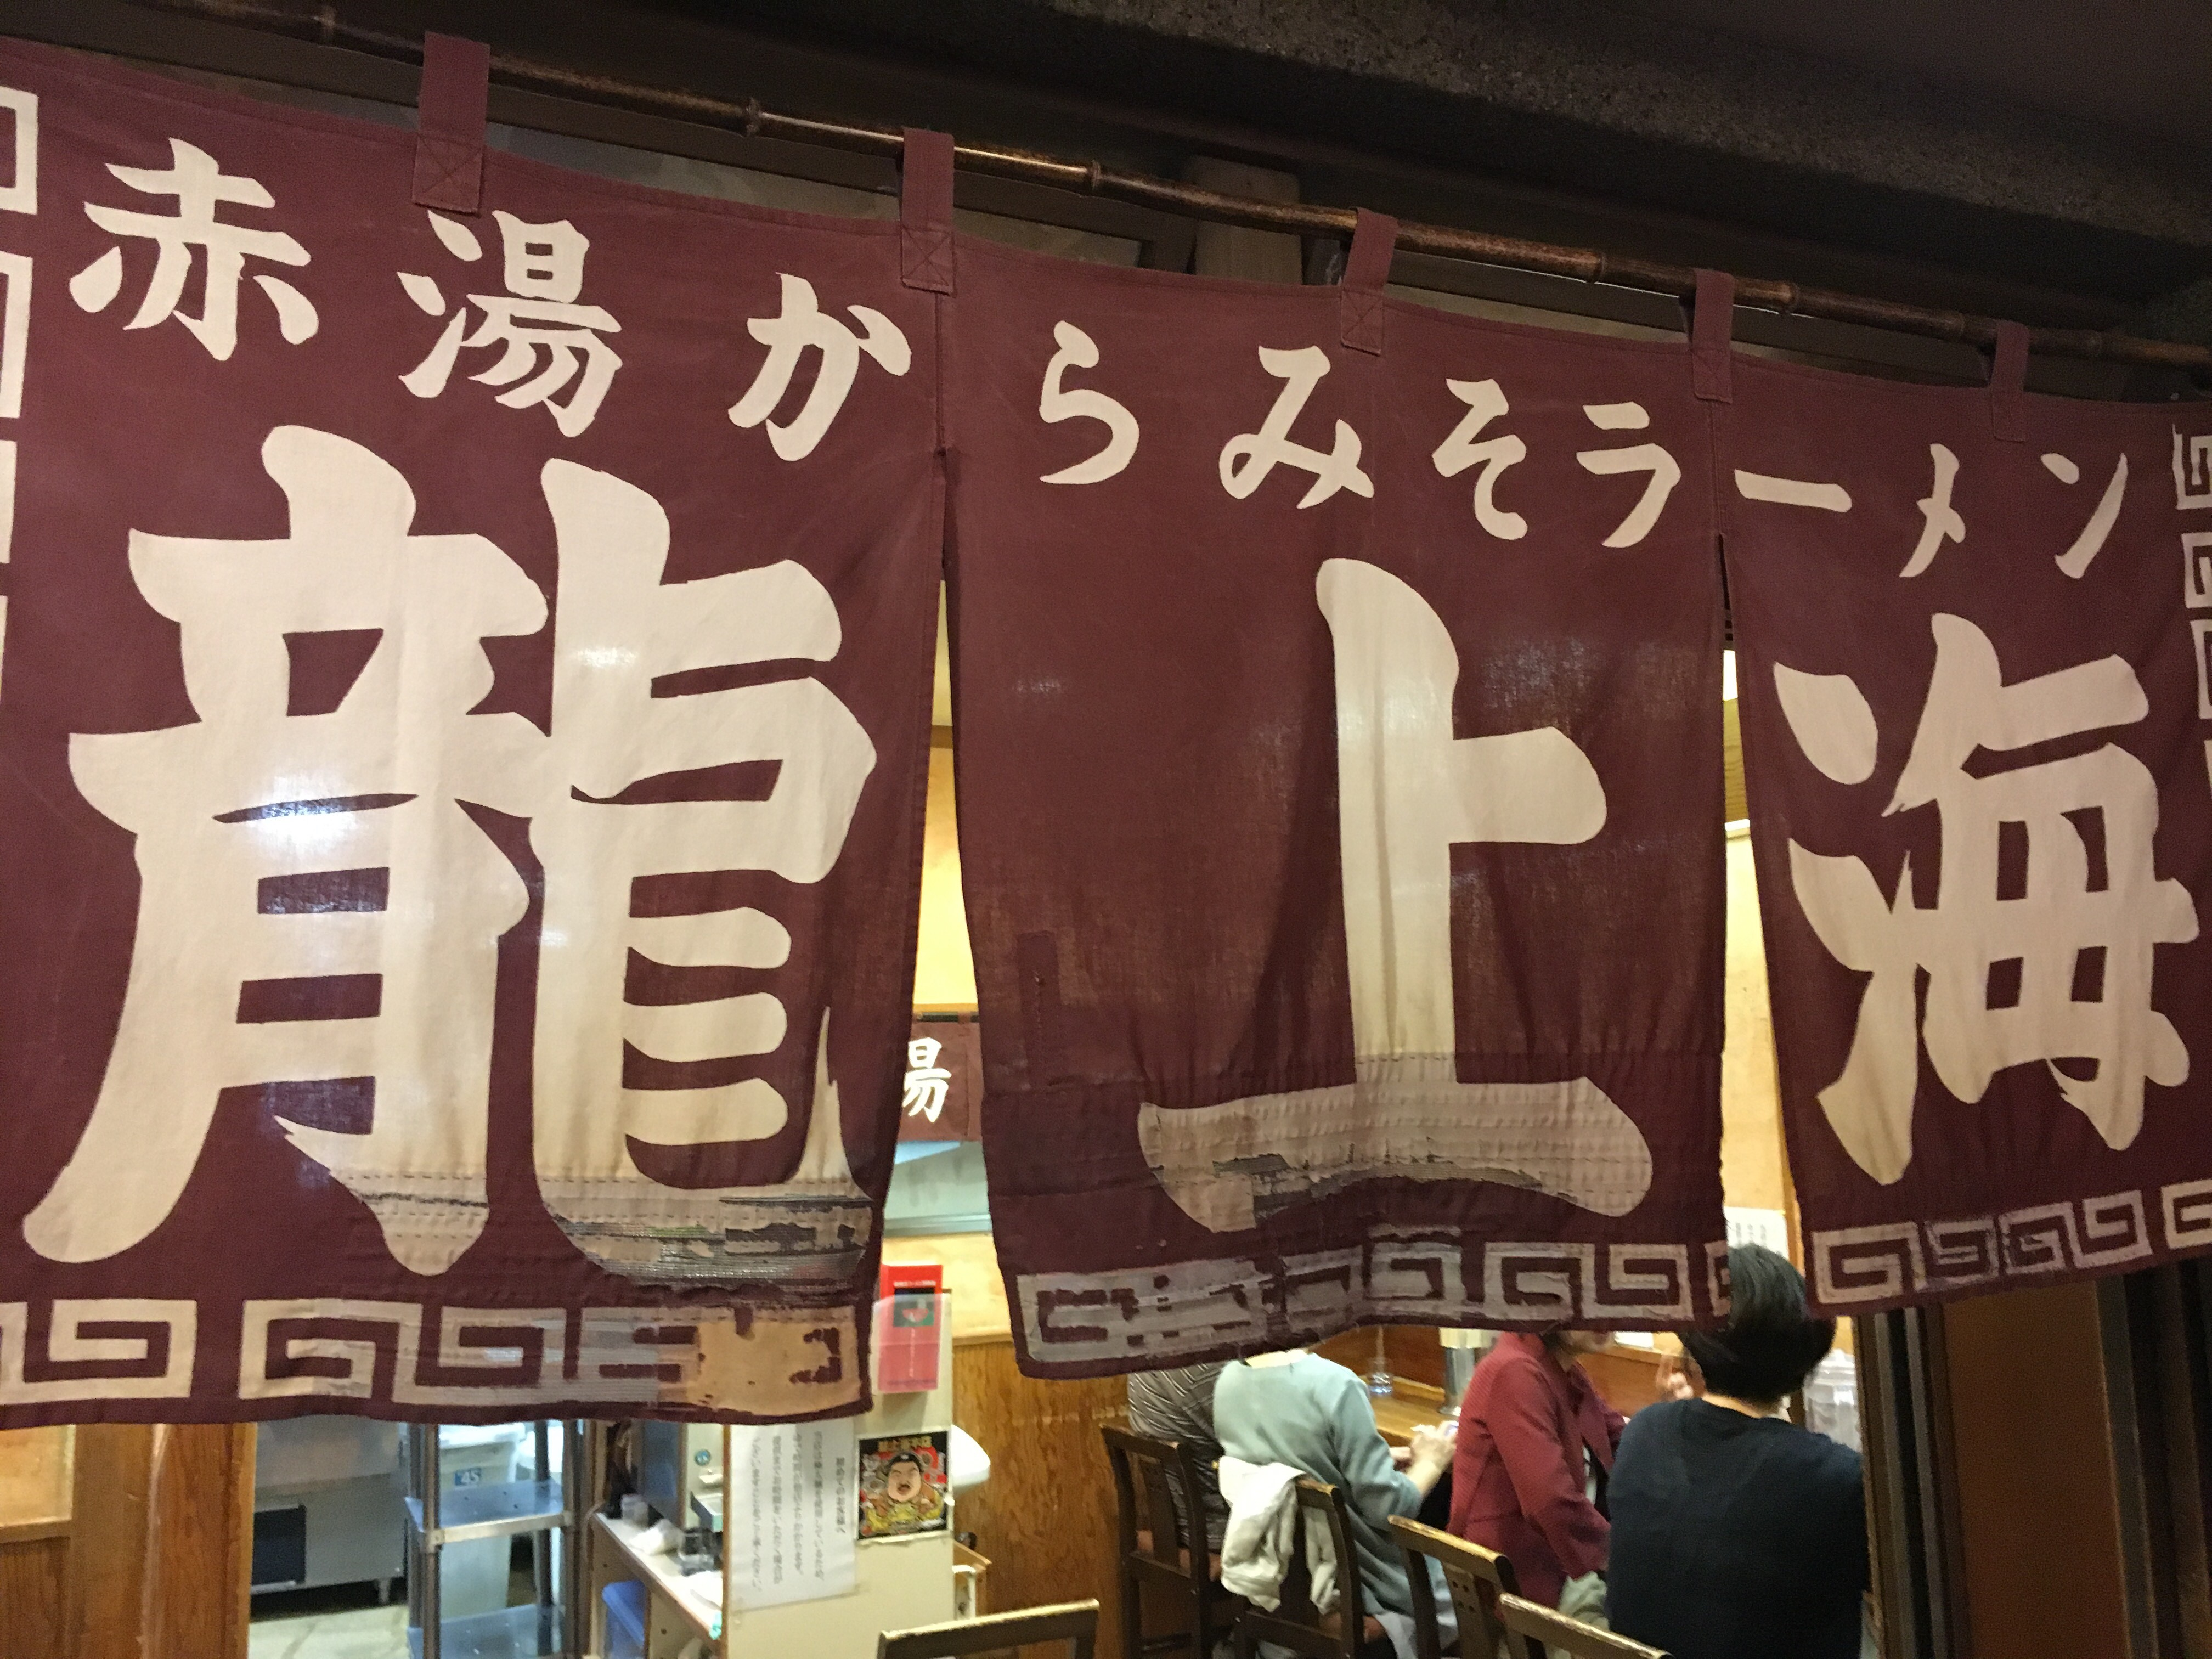 ラーメン博物館の龍上海